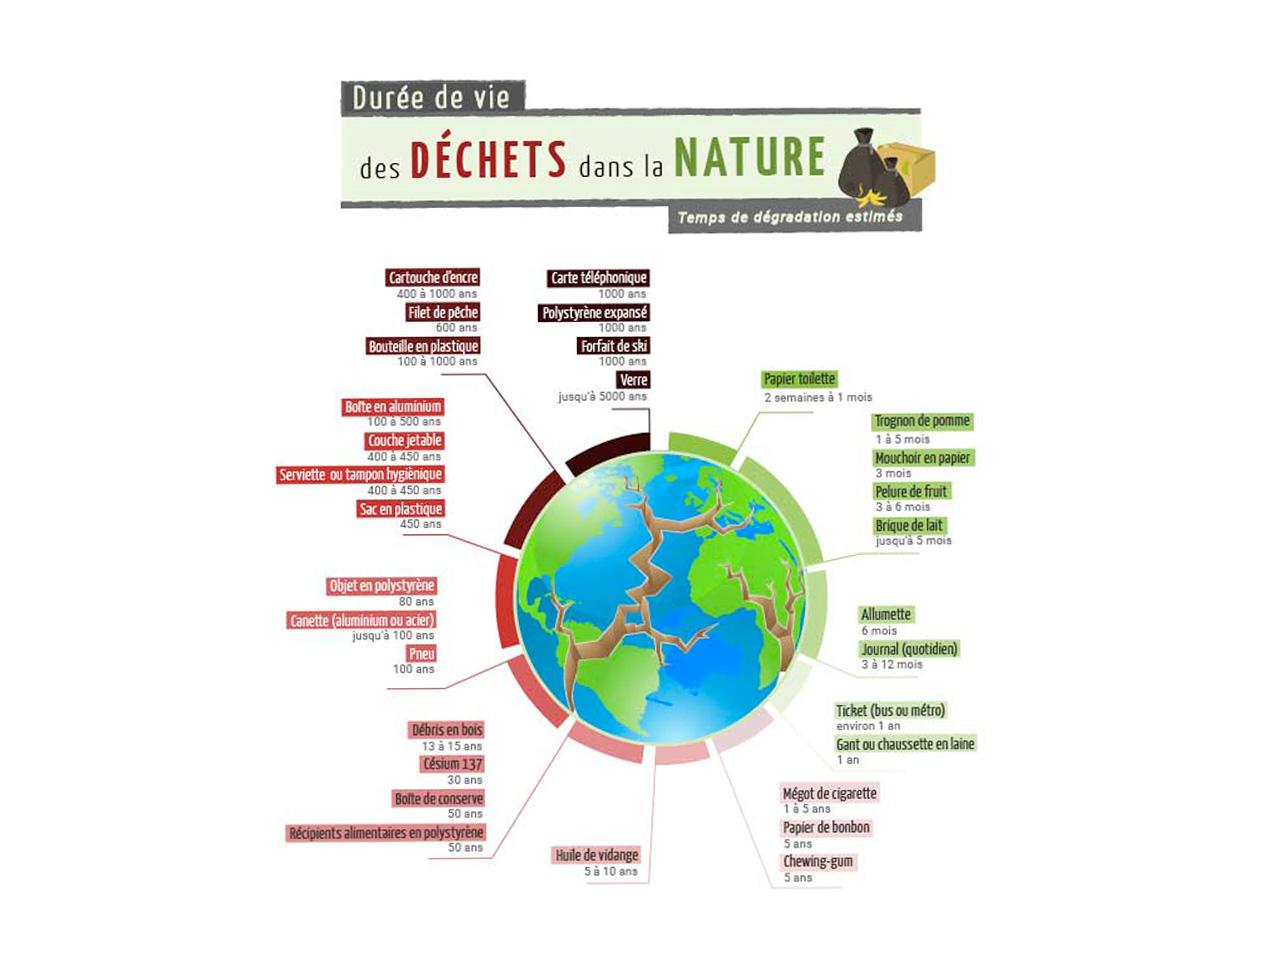 Durée de vie des déchets dans la nature (Source : consoGlobe)